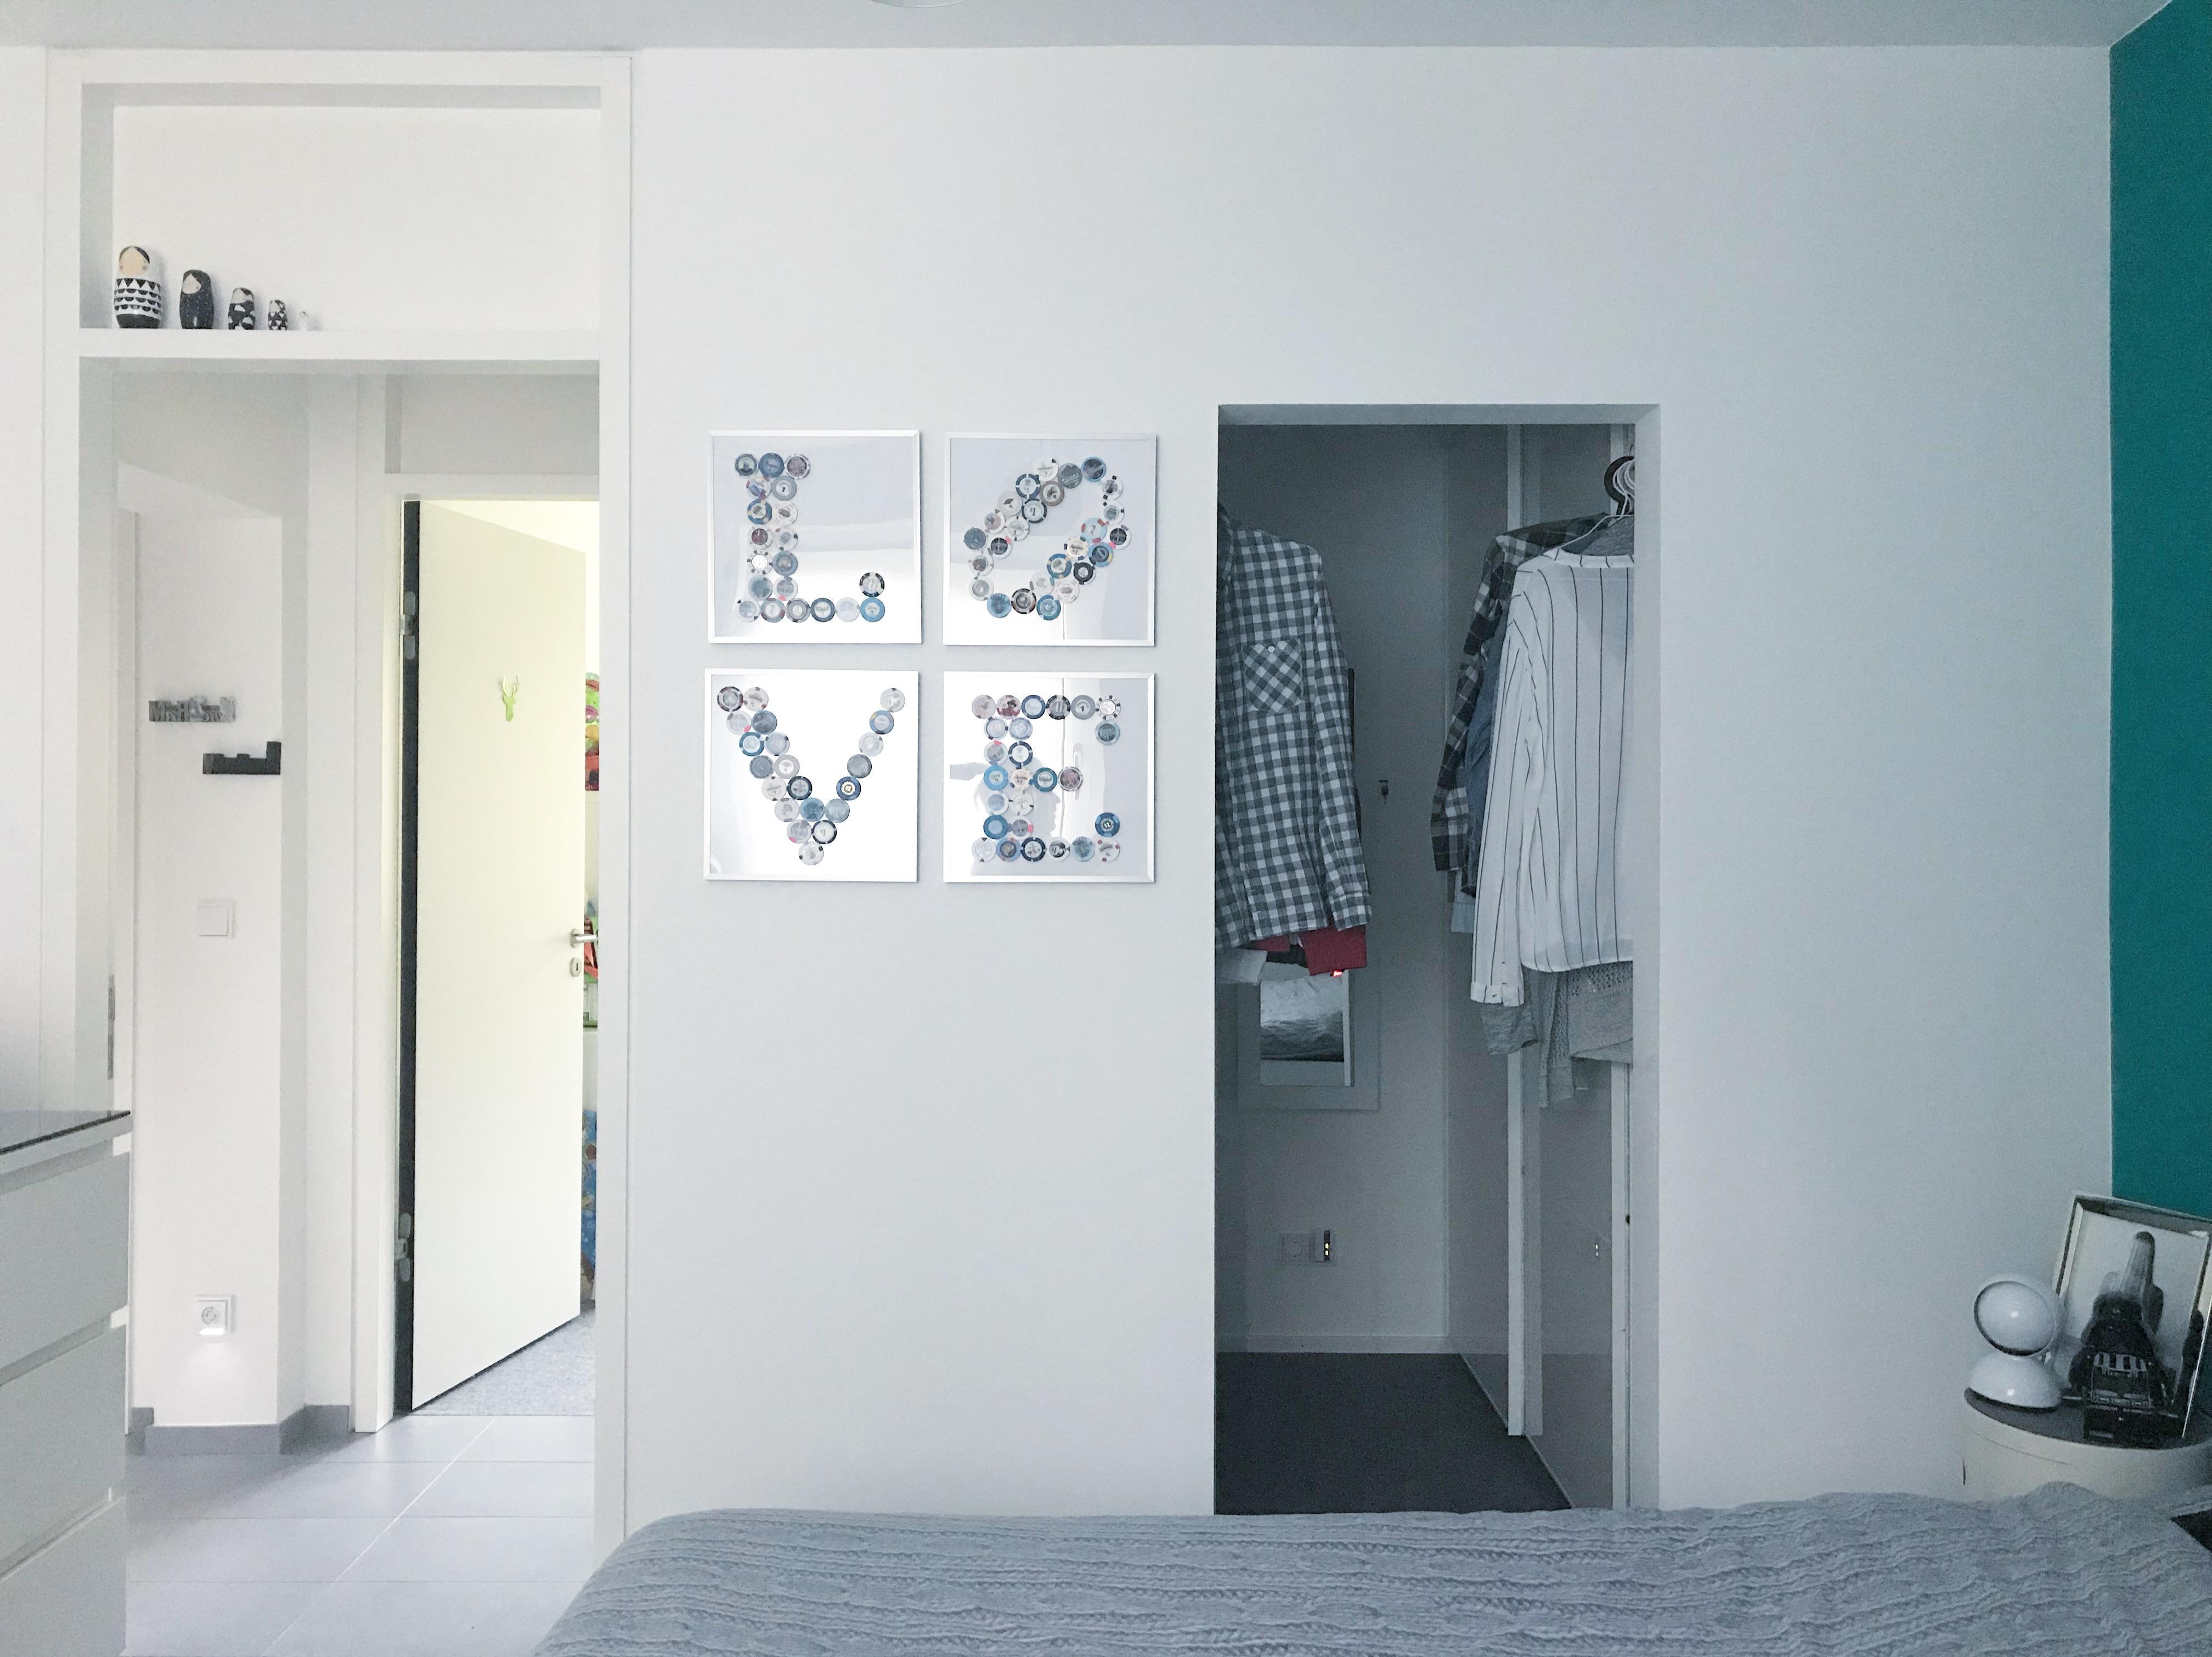 Faszinierend Kleiner Kleiderschrank Beste Wahl Ankleidezimmer 👗 #livingchallenge @couch_magazin #ankleidezimmer # #schlafzimmer